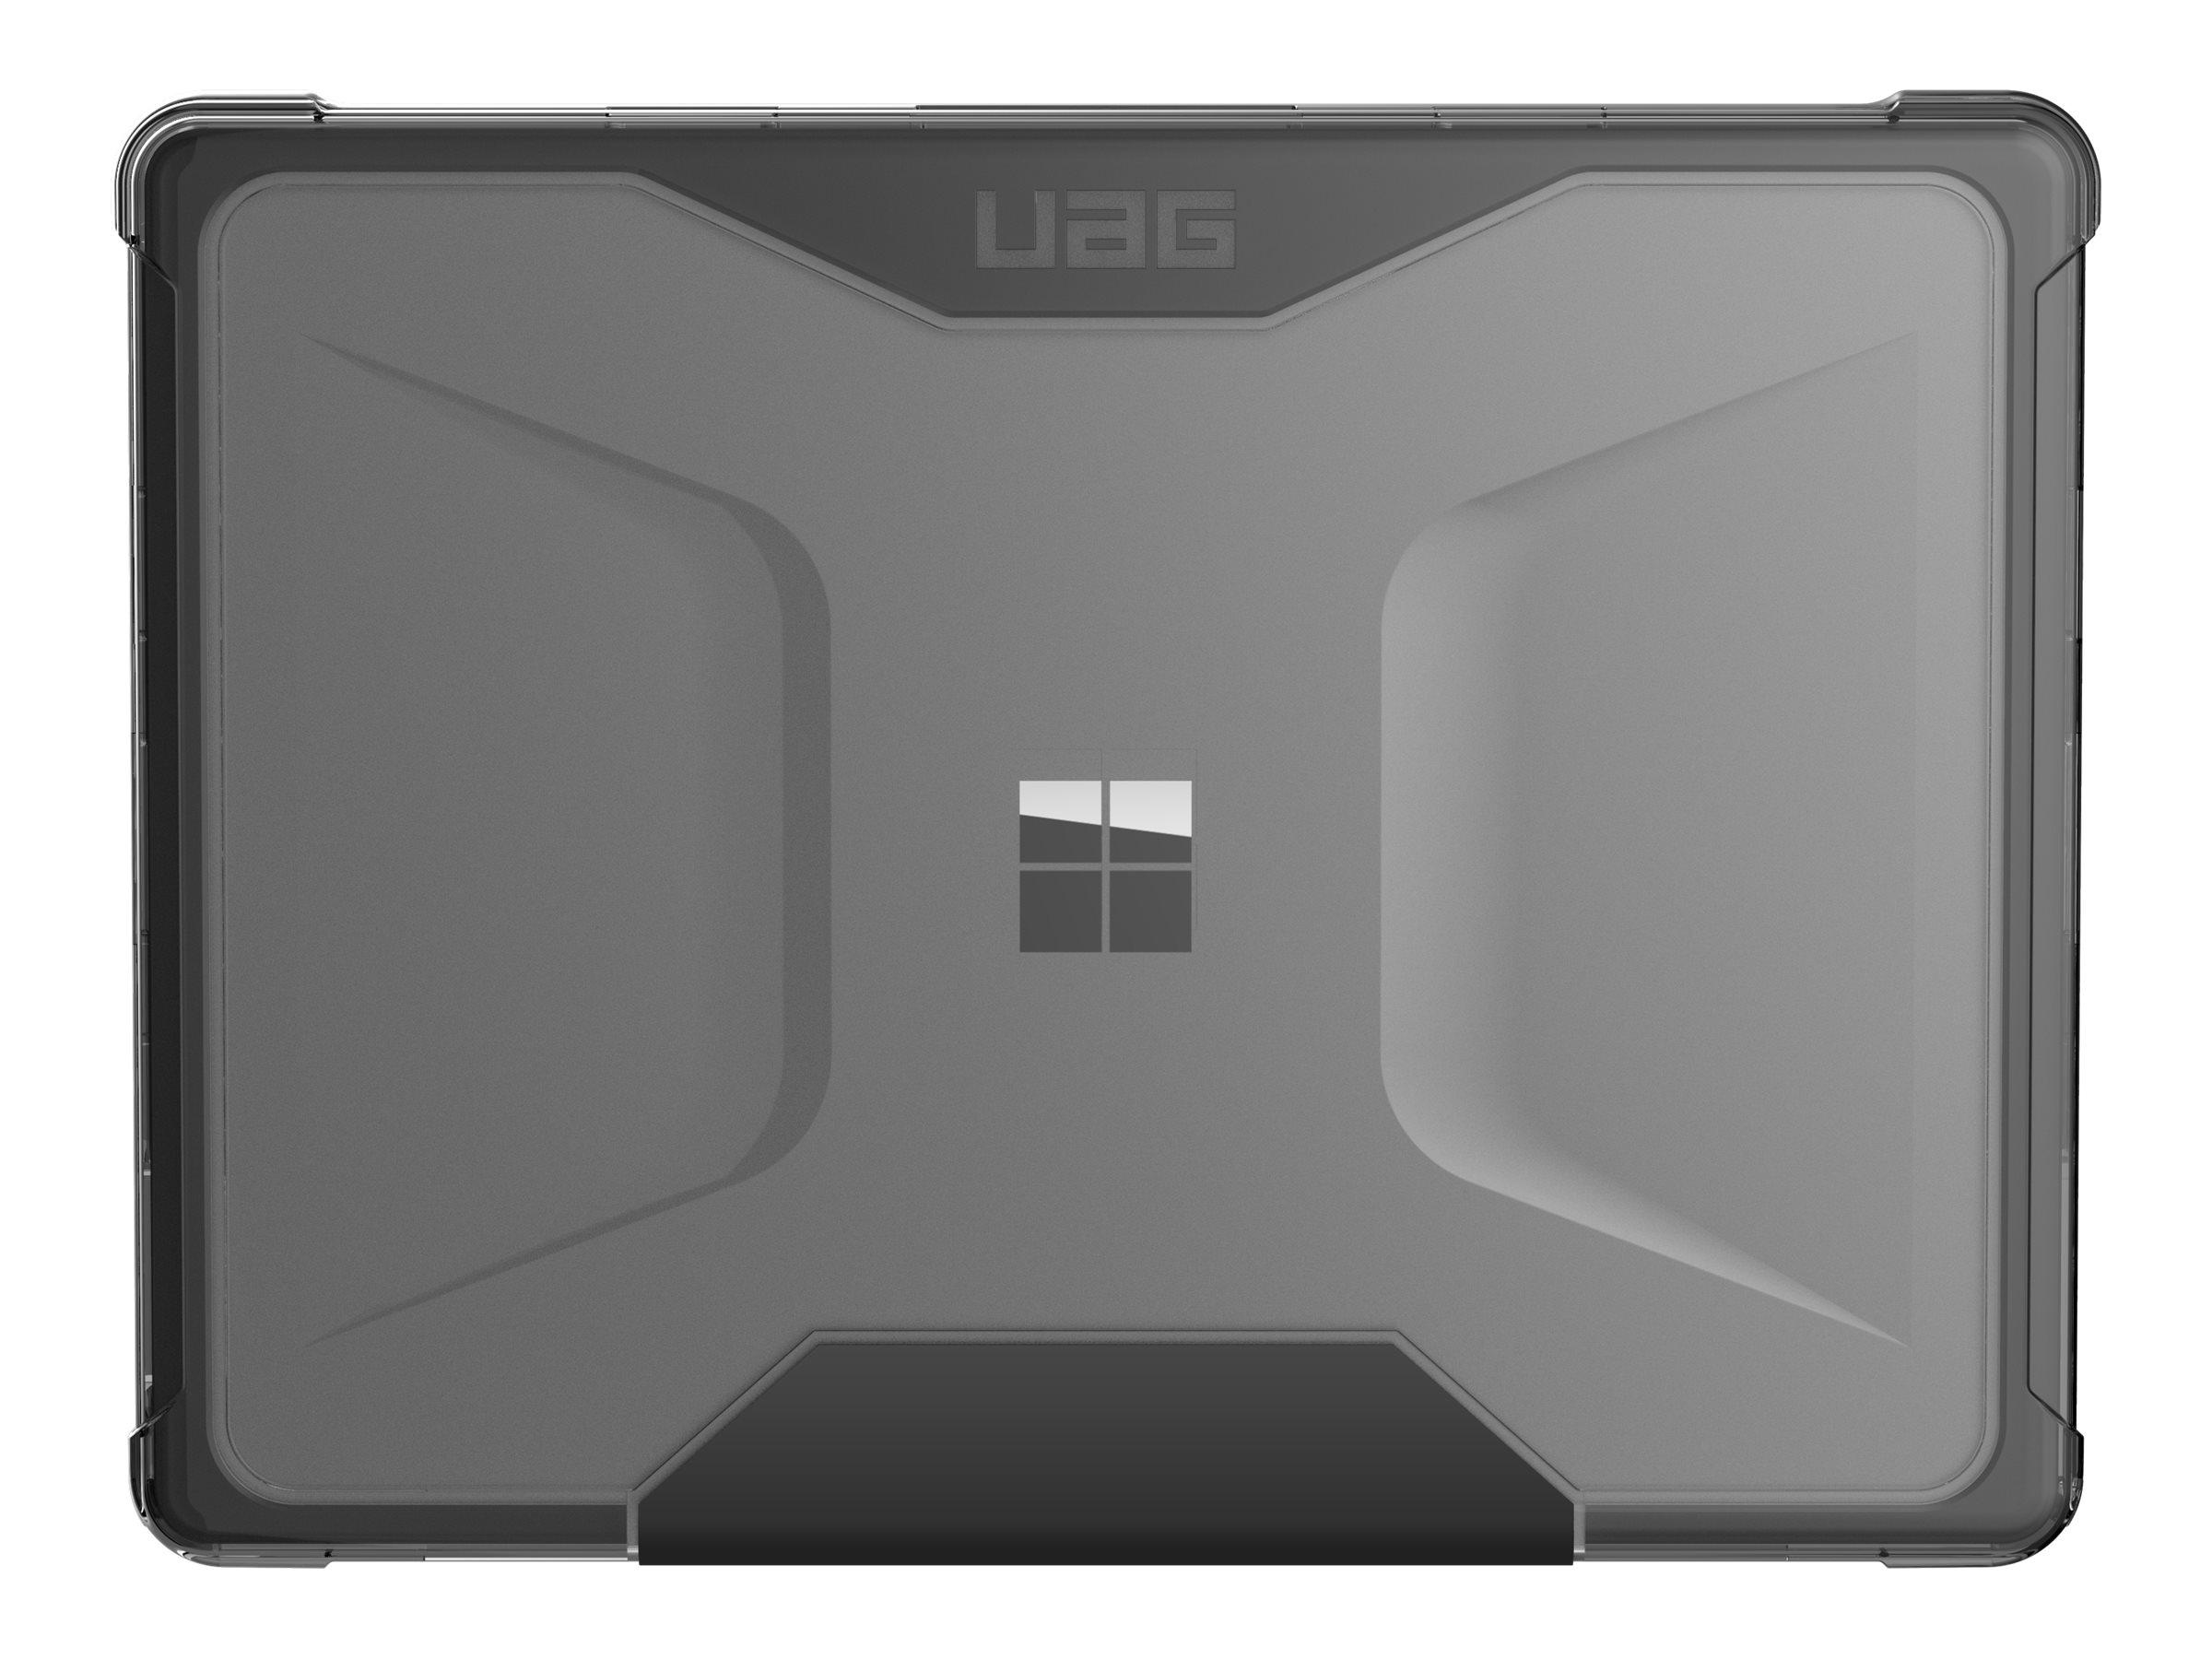 UAG Rugged Case for Microsoft Surface Laptop Go - Plyo Ice - Obere und hintere Abdeckung für Notebook - Ice - für Microsoft Surf